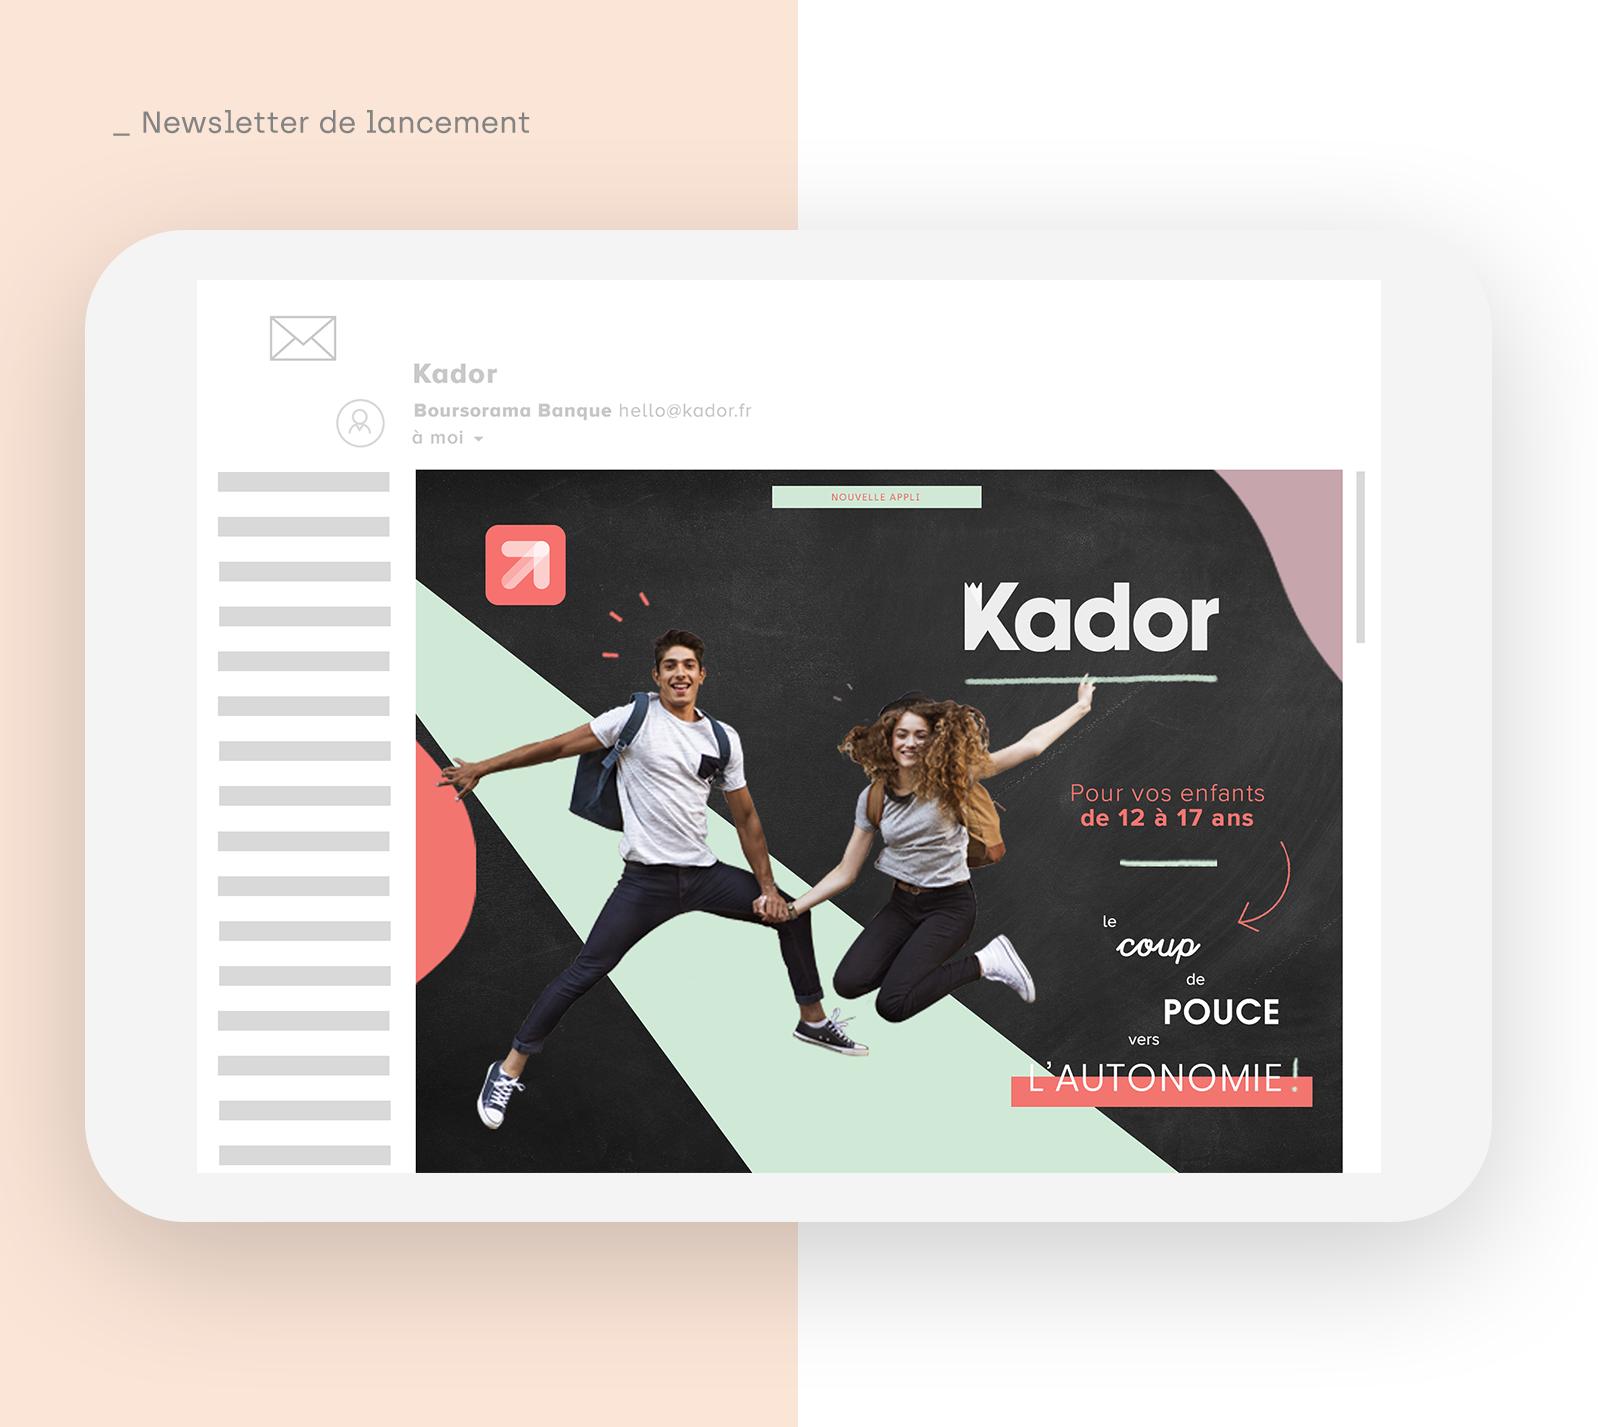 Ui design _ Kador - Anne Gautier